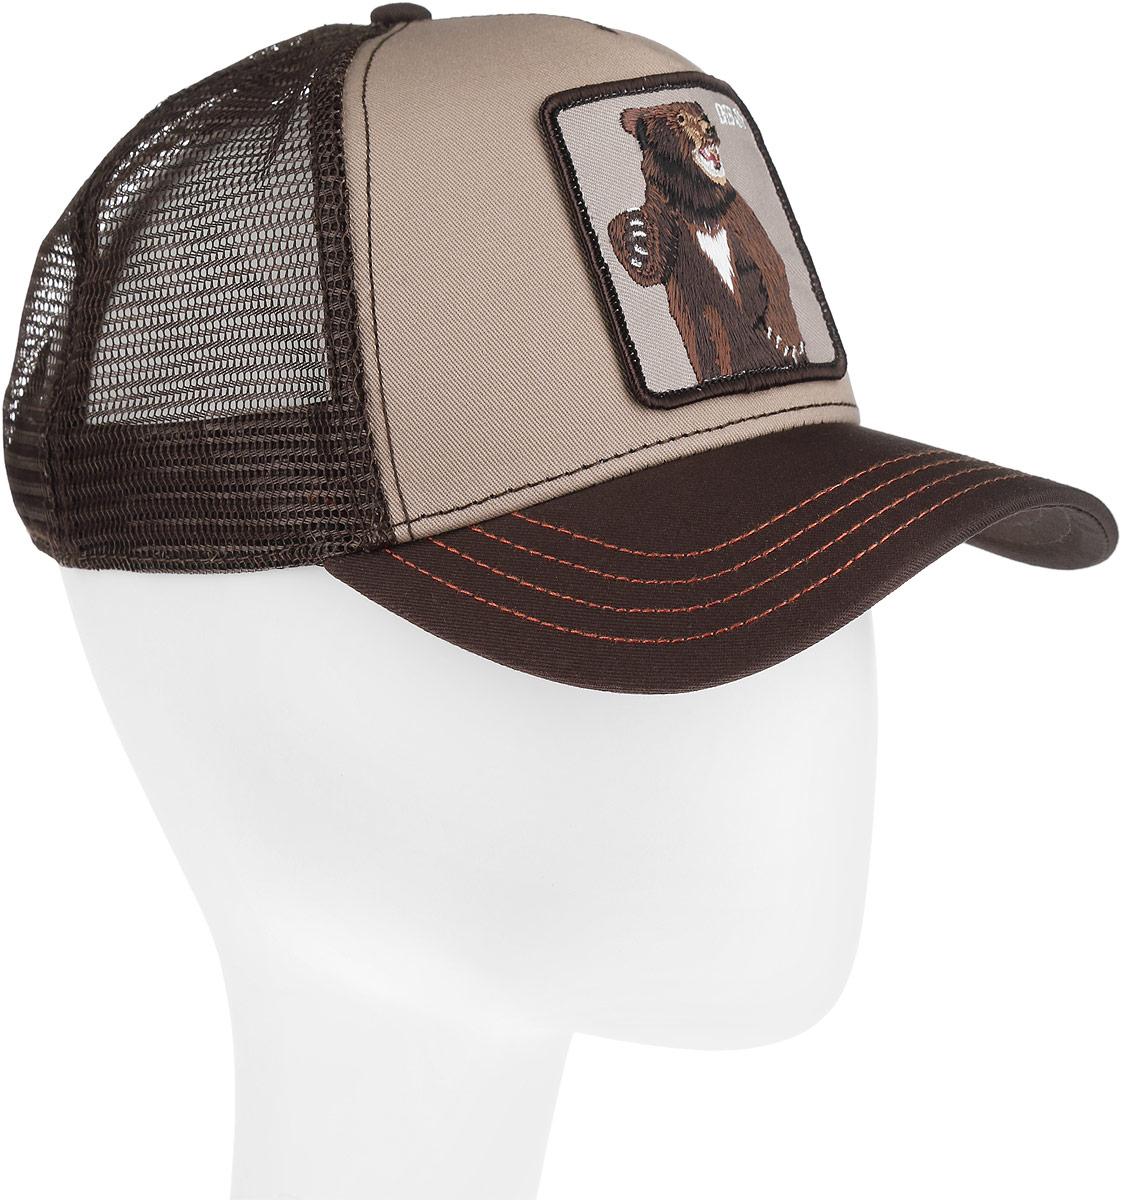 Бейсболка Goorin Brothers, цвет: бежевый, темно-коричневый. 16-708-14-00. Размер универсальный16-708-14-00Стильная бейсболка Goorin Brothers, выполненная из высококачественных материалов, идеально подойдет для прогулок, занятия спортом и отдыха. Она надежно защитит вас от солнца и ветра. Классическая кепка с сетчатой задней частью станет правильным выбором. Изделие оформлено нашивкой с изображением медведя и надписью Bear. Объем бейсболки регулируется пластиковым фиксатором.Ничто не говорит о настоящем любителе путешествий больше, чем любимая кепка. Эта модель станет отличным аксессуаром и дополнит ваш повседневный образ.